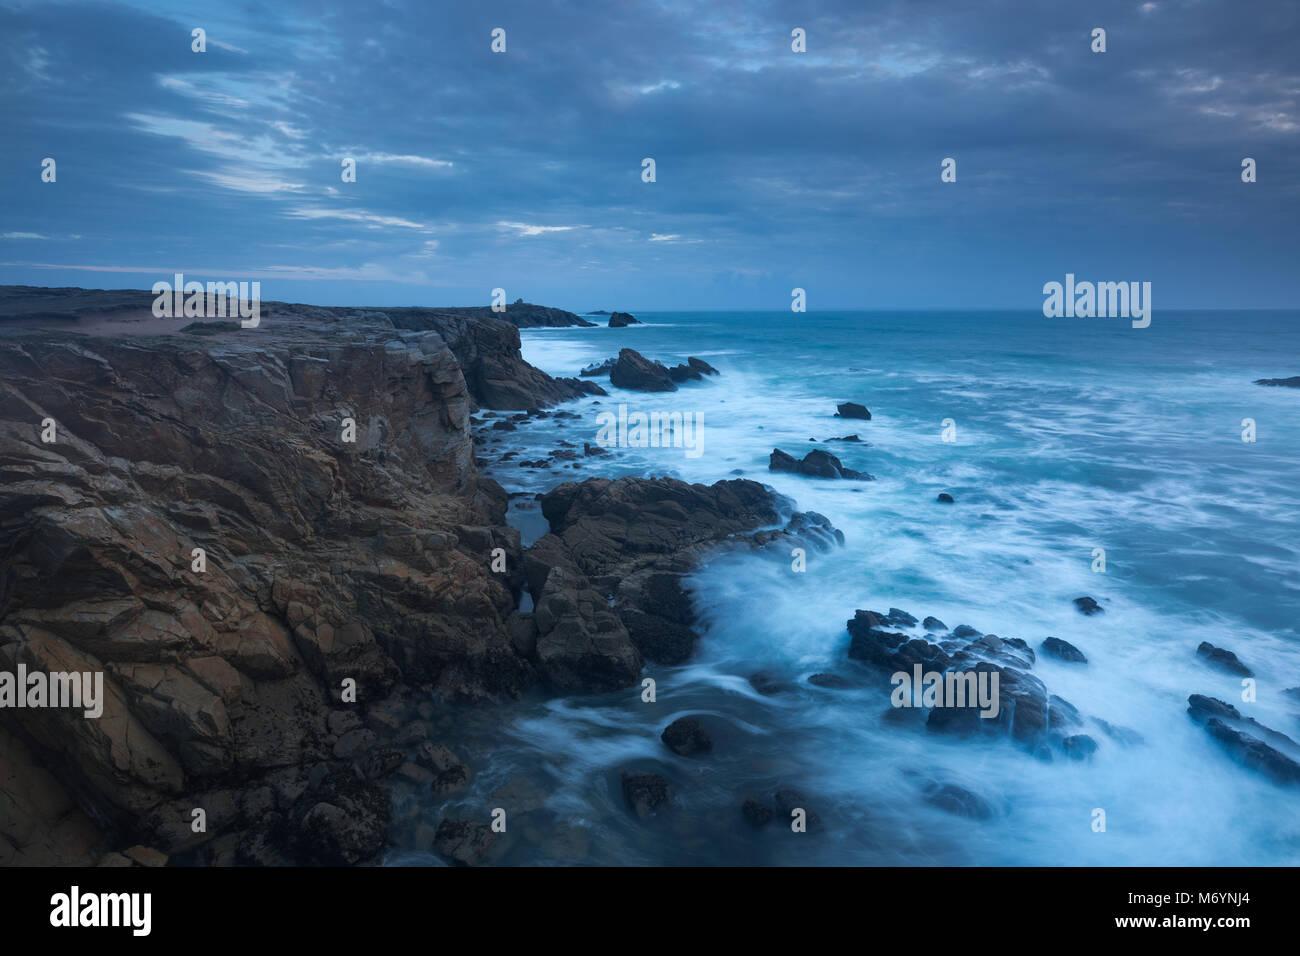 Mare mosso, Cote Sauvage da Pointe de Beg en Aud, Presqu'île de Quiberon, Morbihan, Bretagne, Francia Immagini Stock